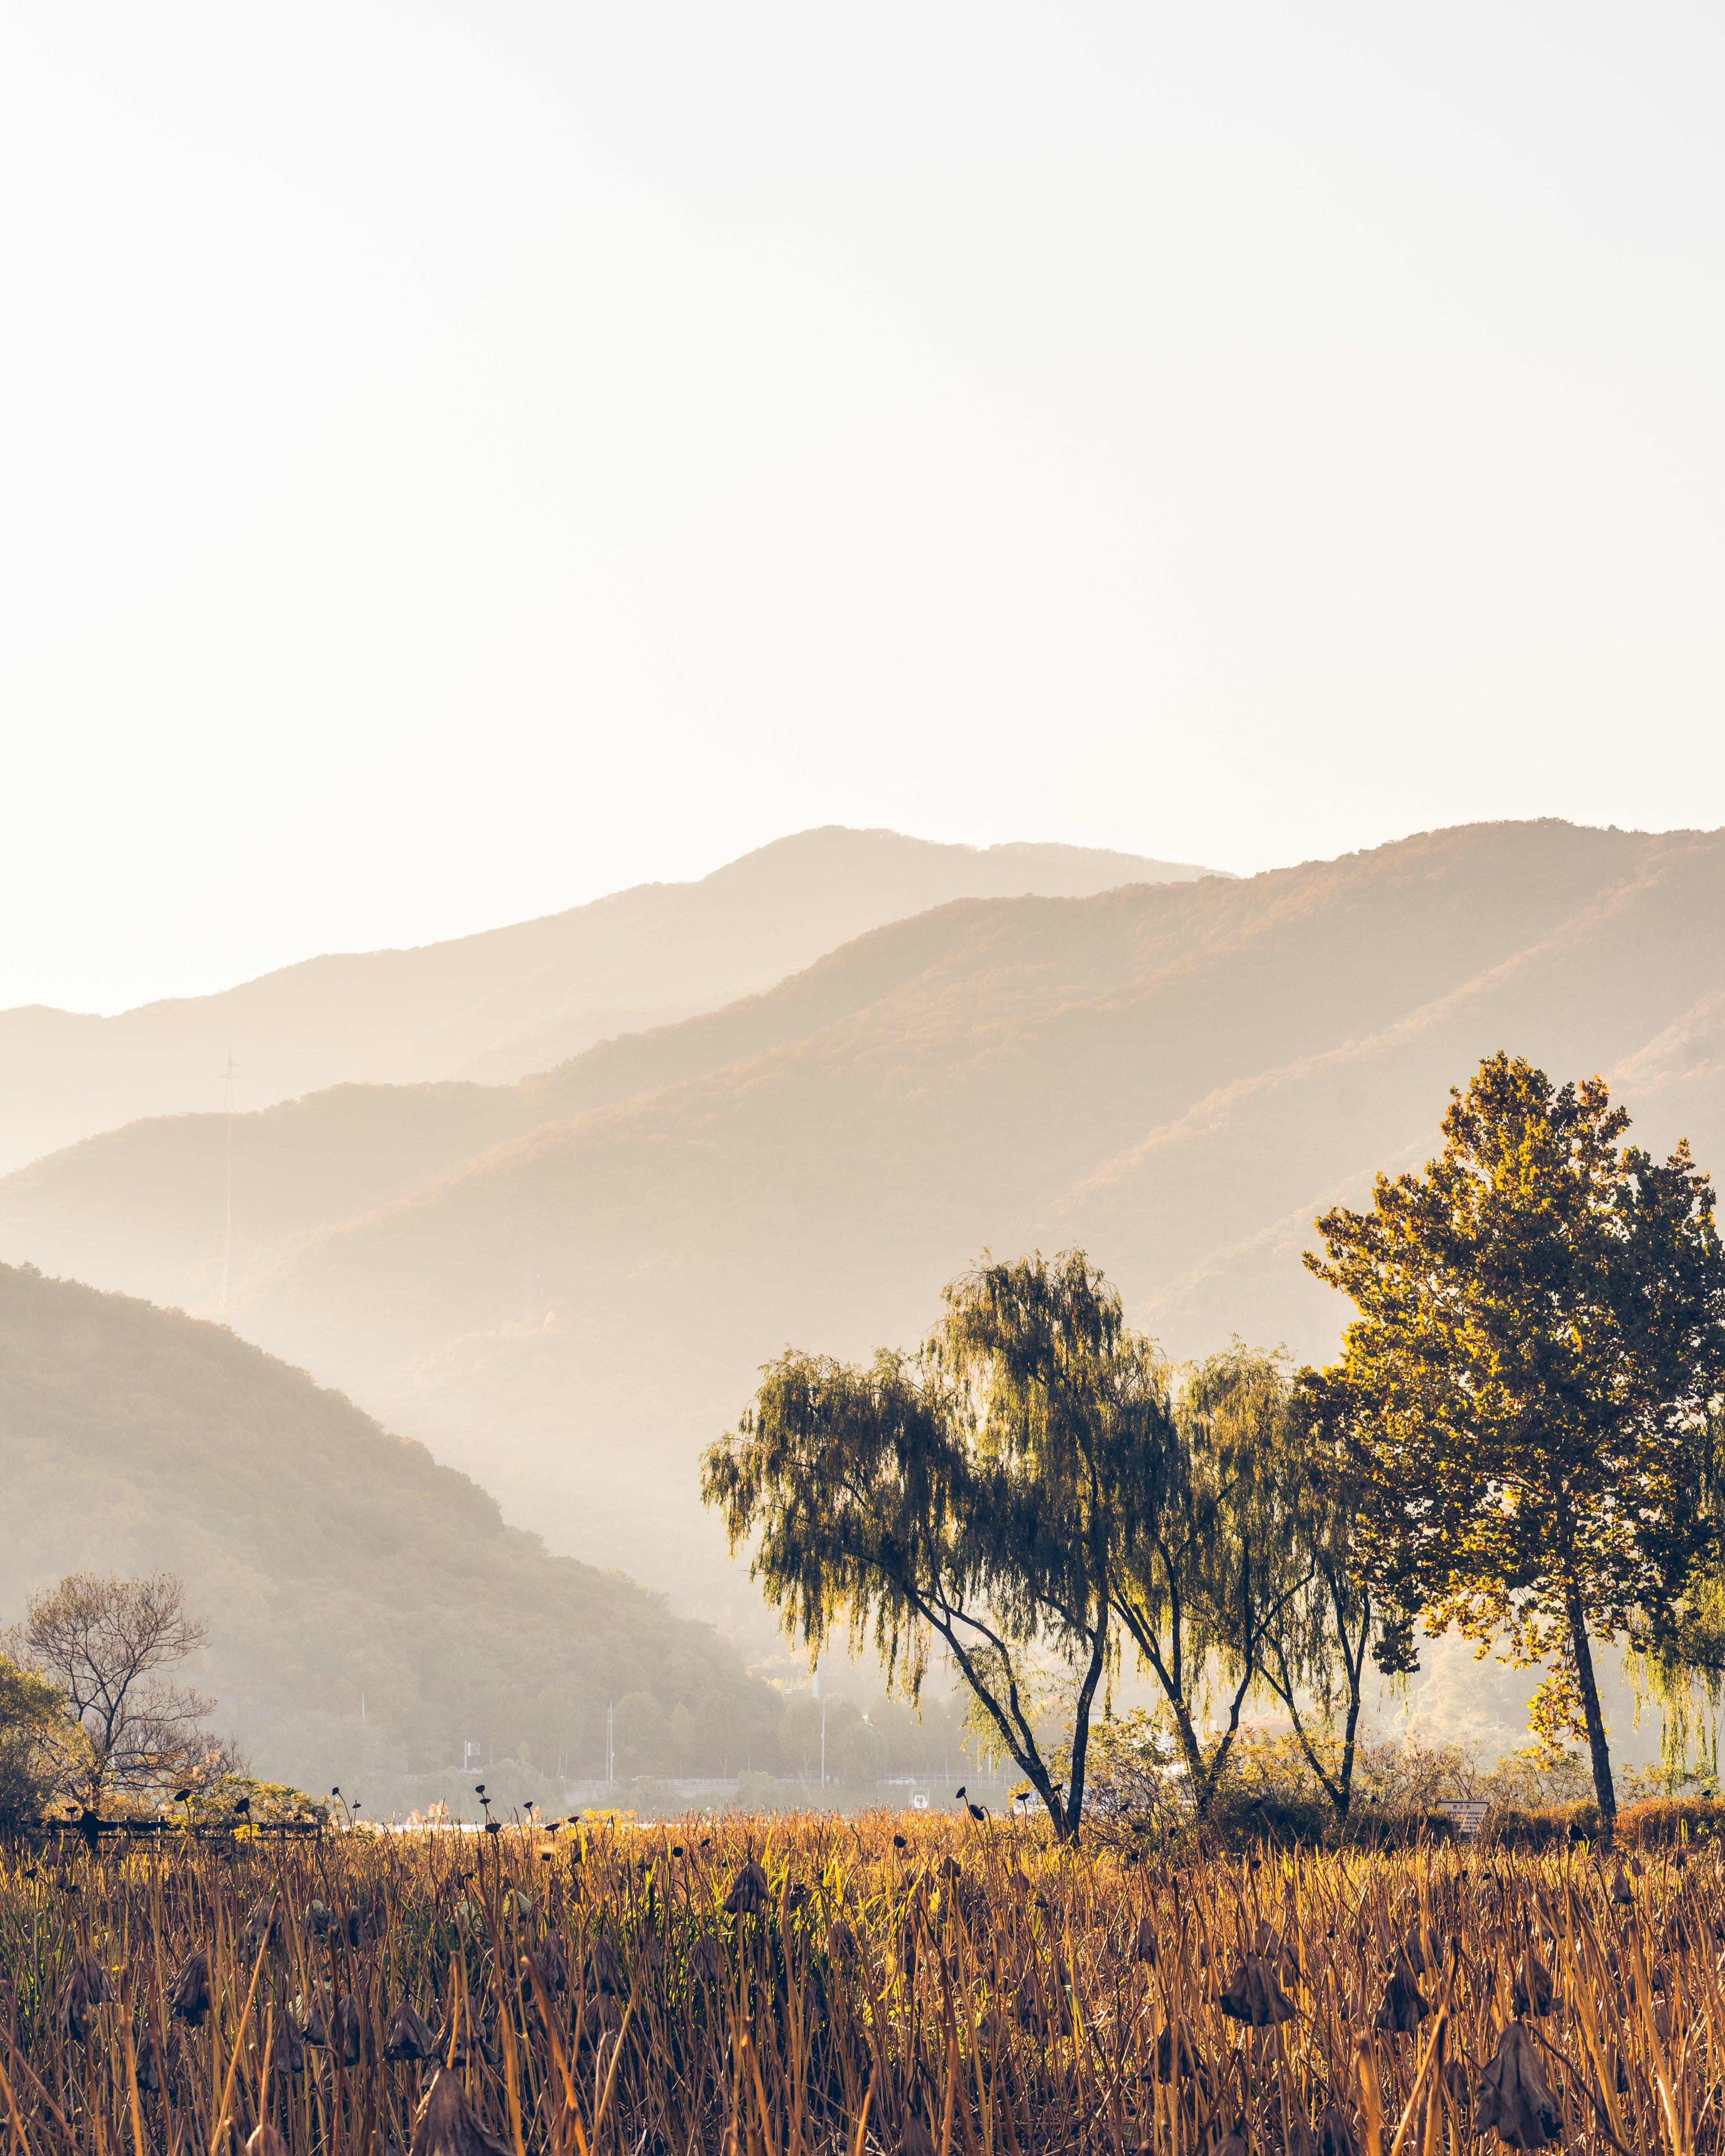 Kostenloses Stock Foto zu bäume, berg, dämmerung, feld